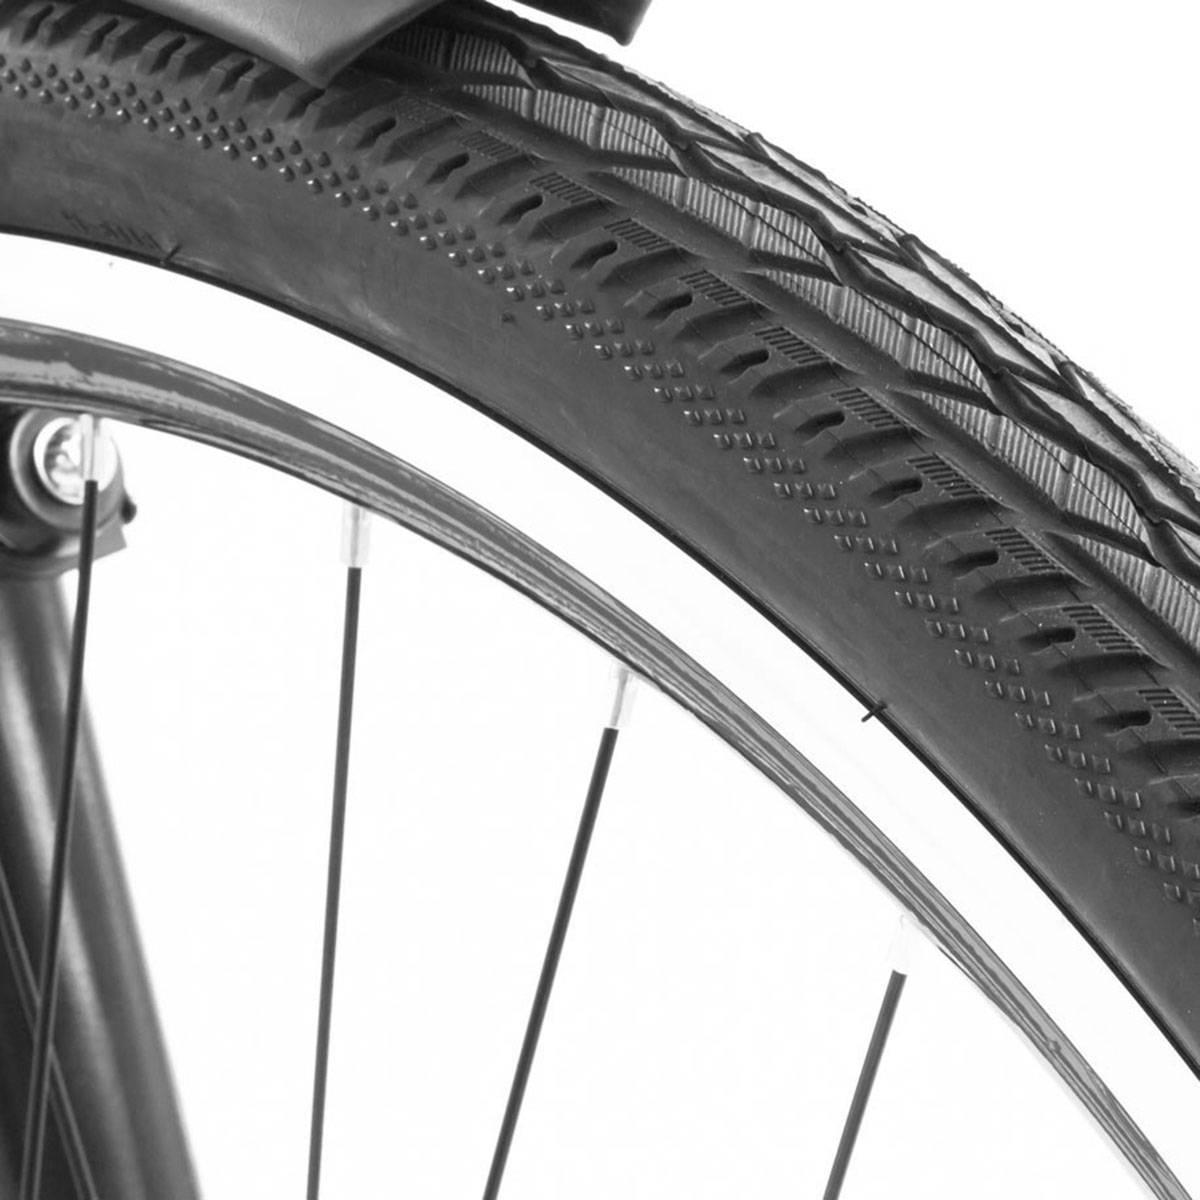 BICICLETA TITO DOWNTOWN VBRAKE  - Cicles Jahn